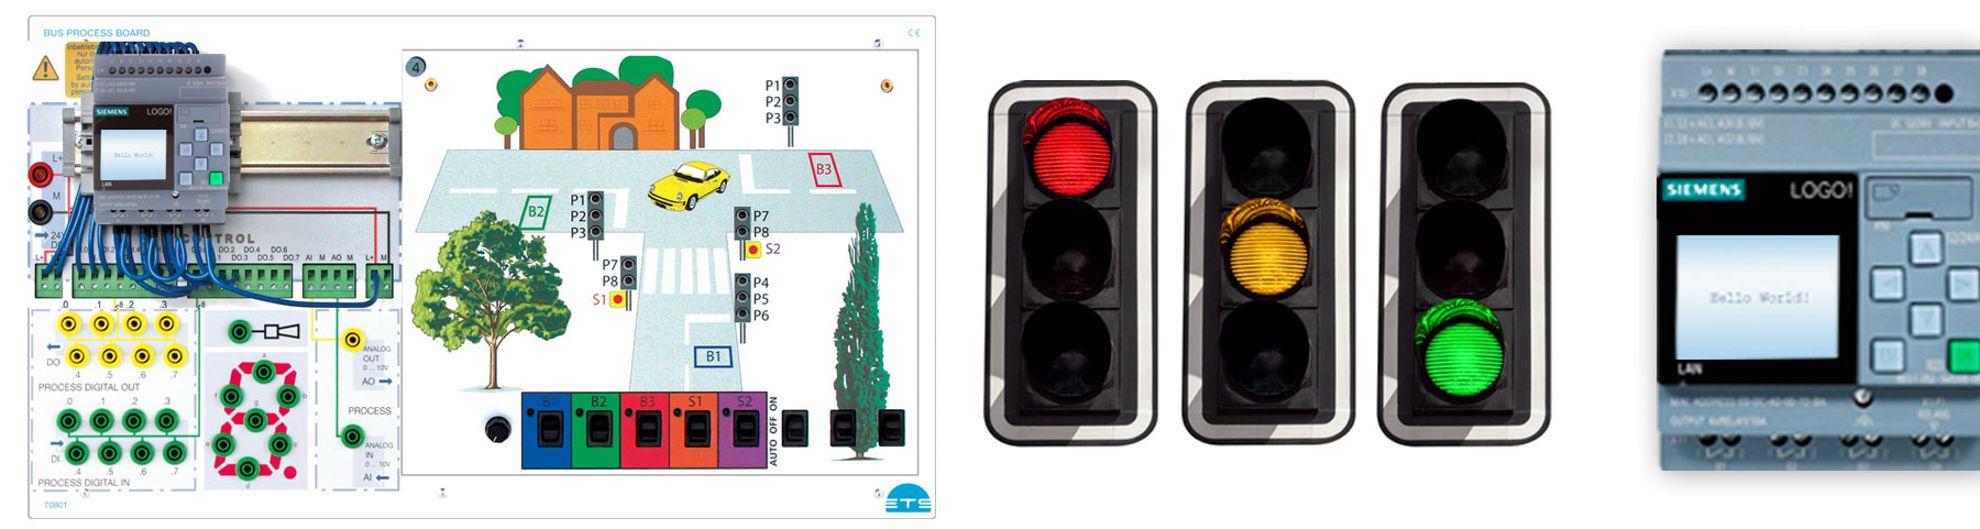 Anlagensimulation - Bus Process Board mit LOGO!